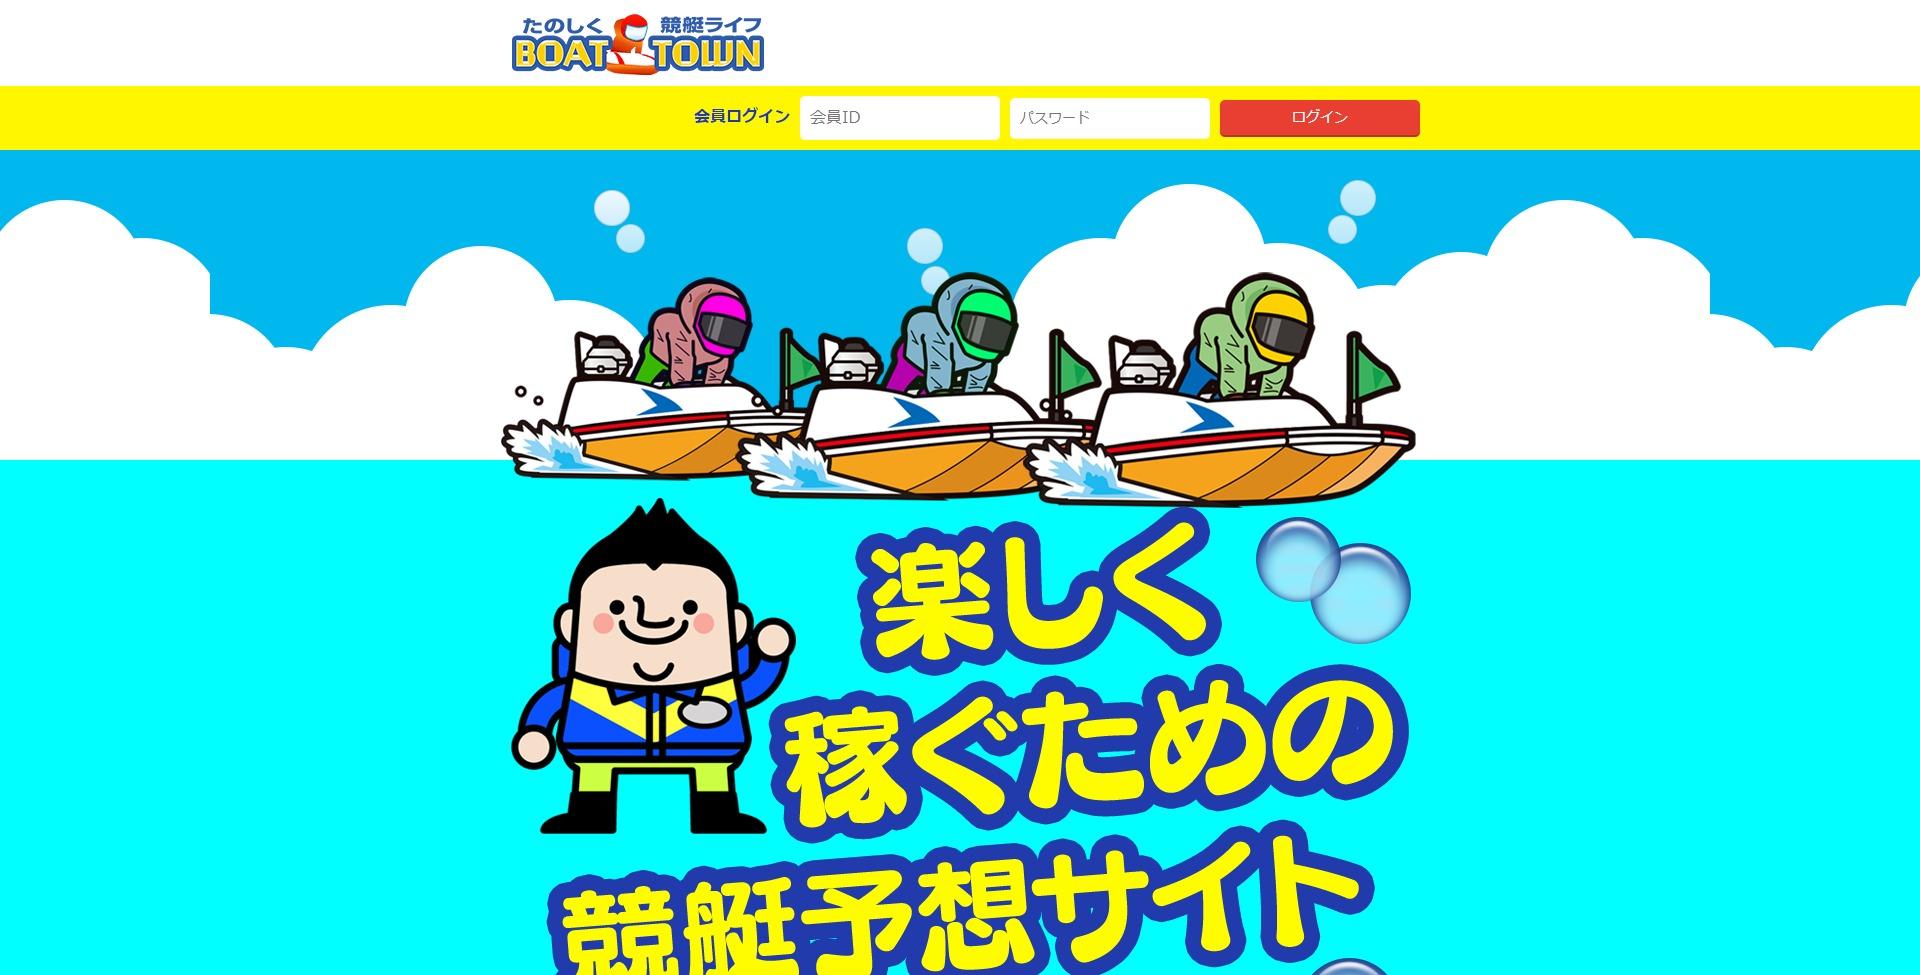 結果 桐生 競艇